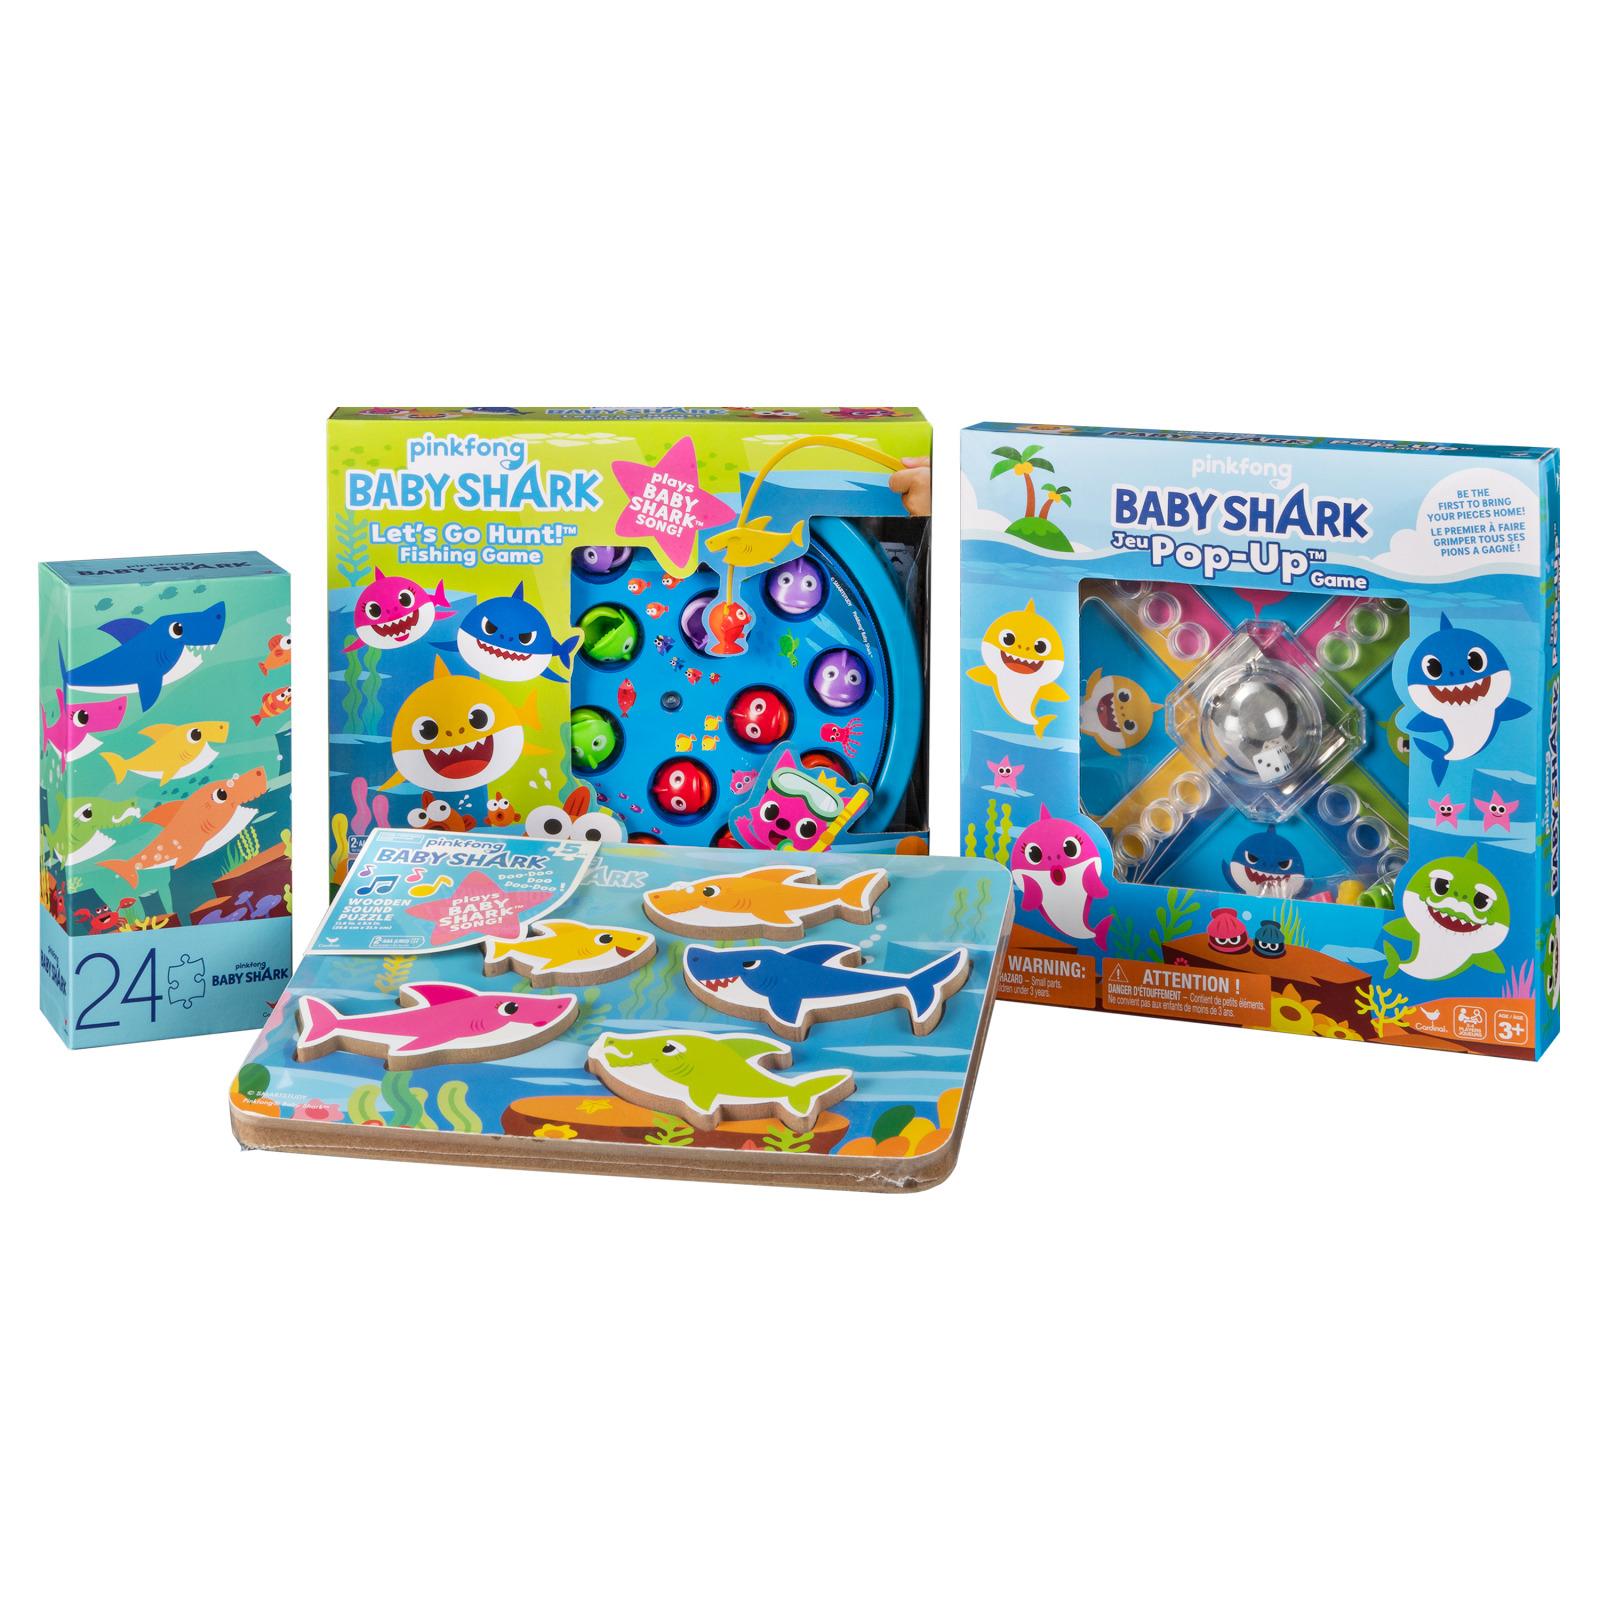 Pinkfong Baby Shark Mega Value Toys Box Set Board Games